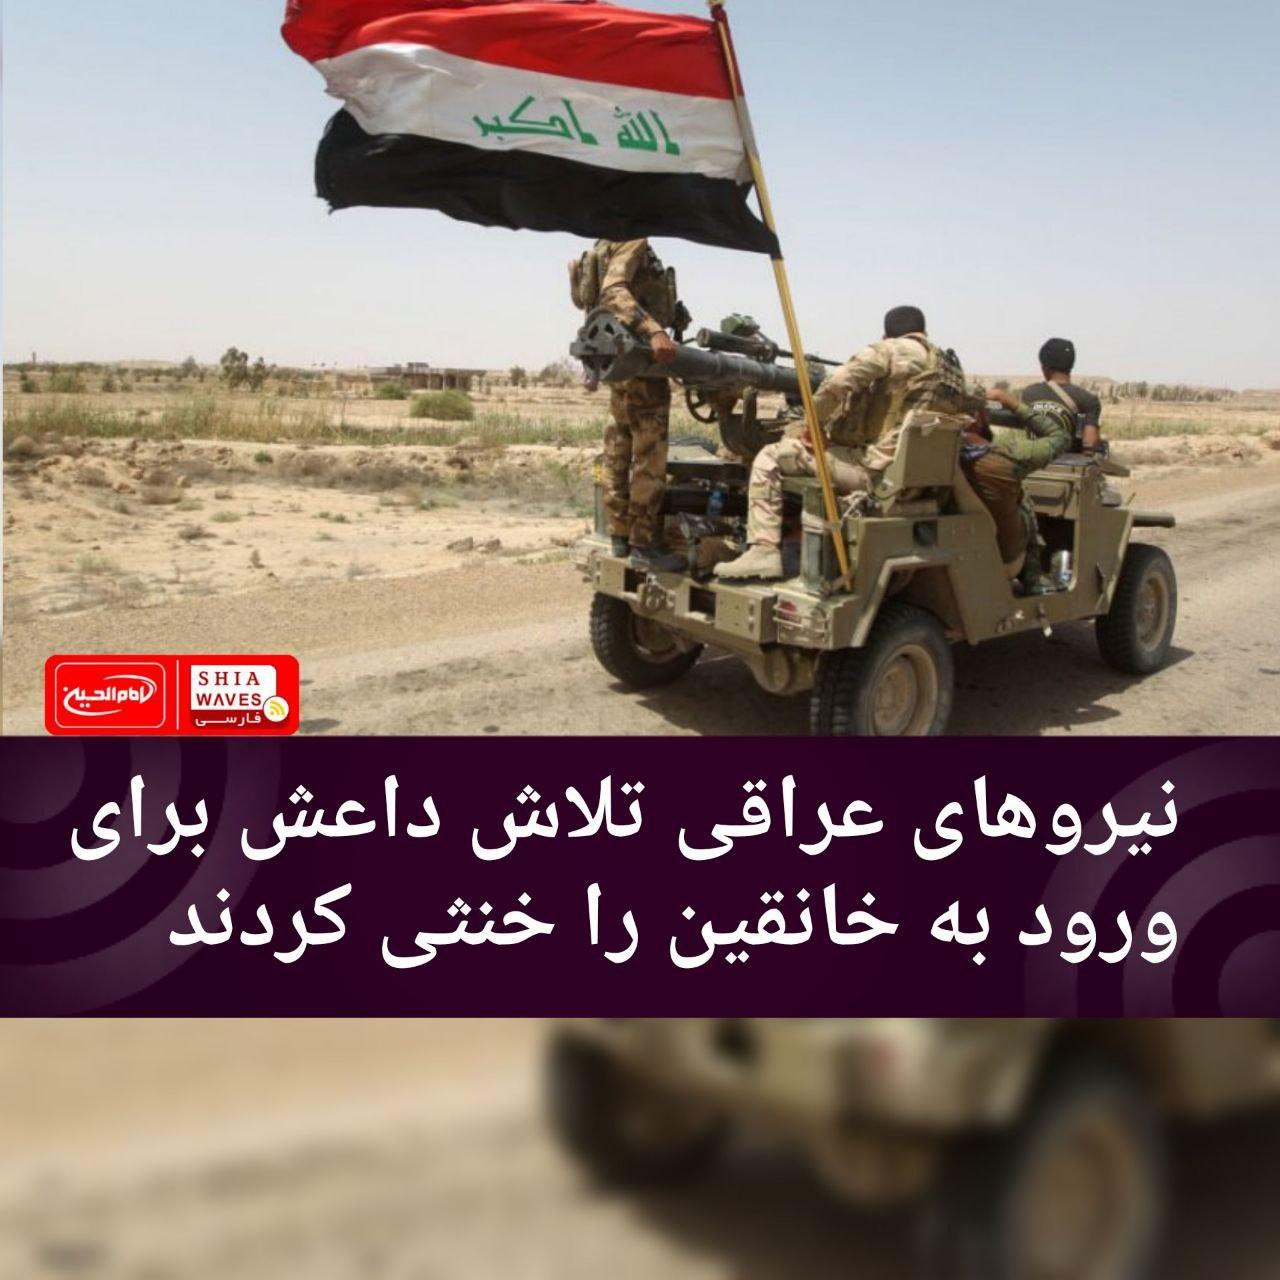 تصویر نیروهای عراقی تلاش داعش برای ورود به خانقین را خنثی کردند